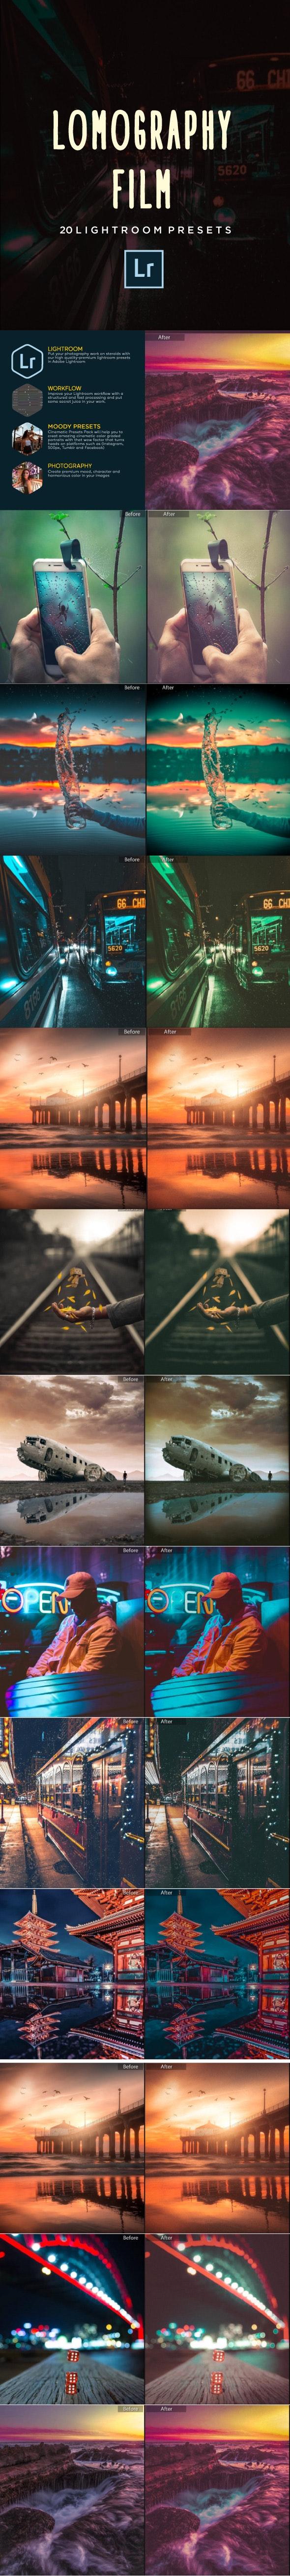 20 Lomography Film Lightroom Presets - Film Lightroom Presets